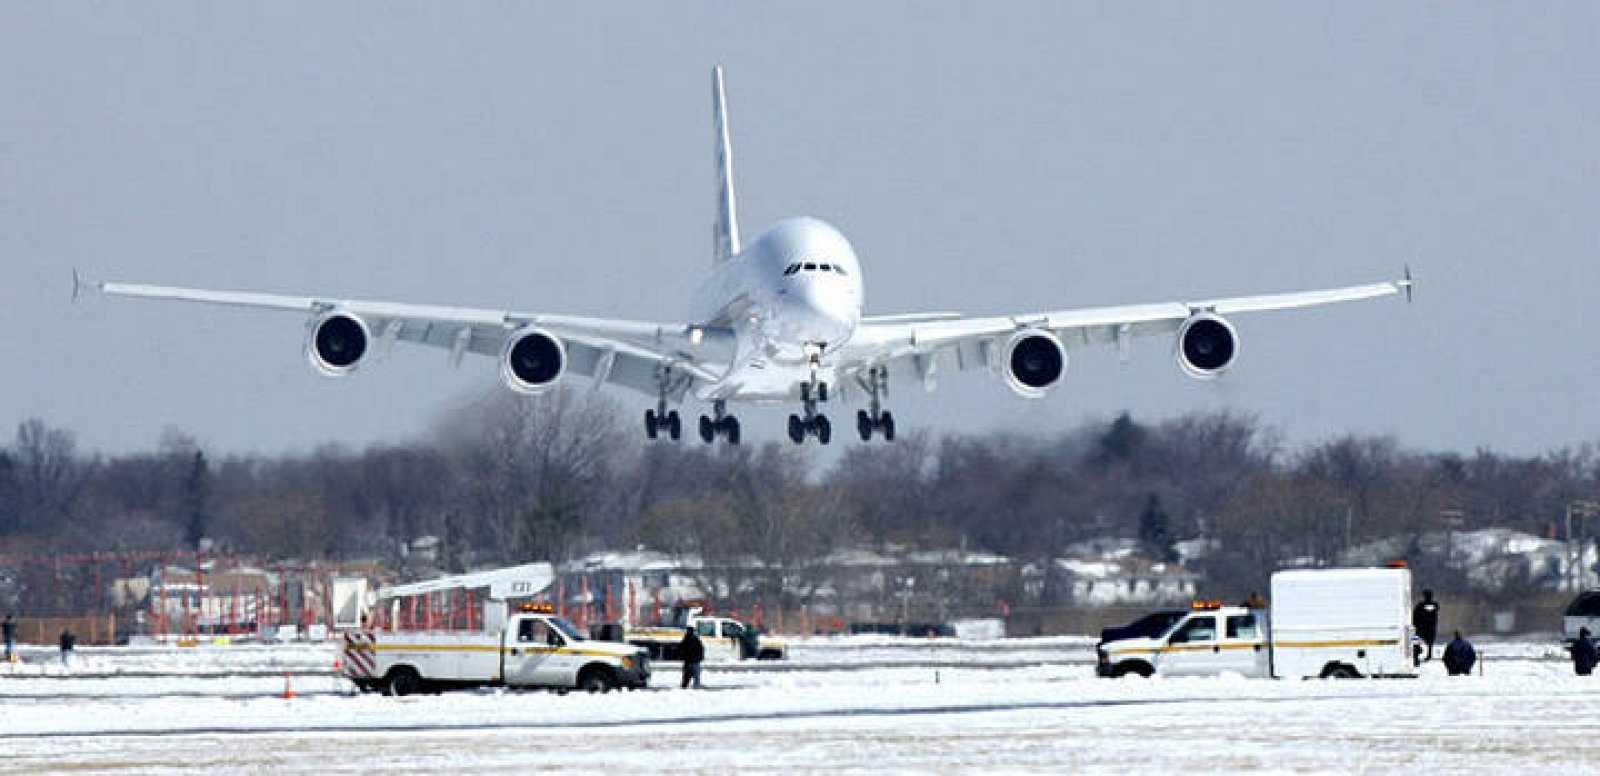 El Airbus A380 tiene la misma longitud que ocho autobuses londinenses de dos pisos y tiene en sus alas el suficiente espacio como para aparcar 70 coches.